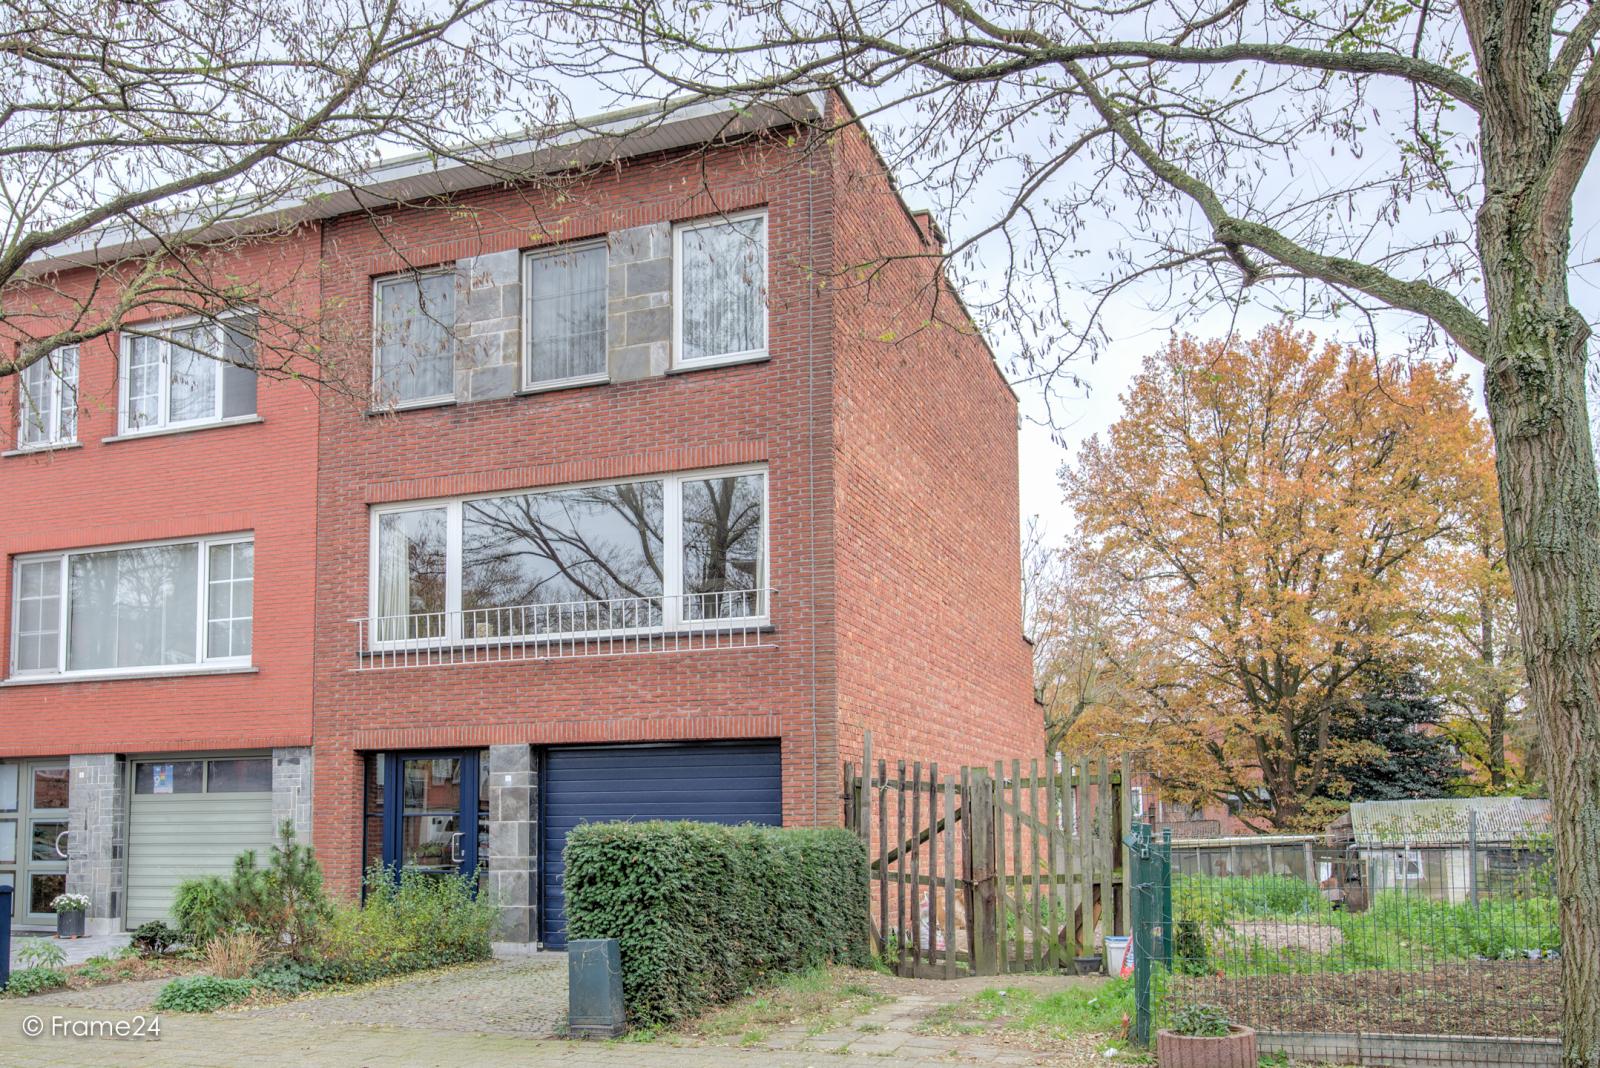 Zeer verzorgde bel-étagewoning met drie slaapkamers op toplocatie te Wijnegem! afbeelding 1